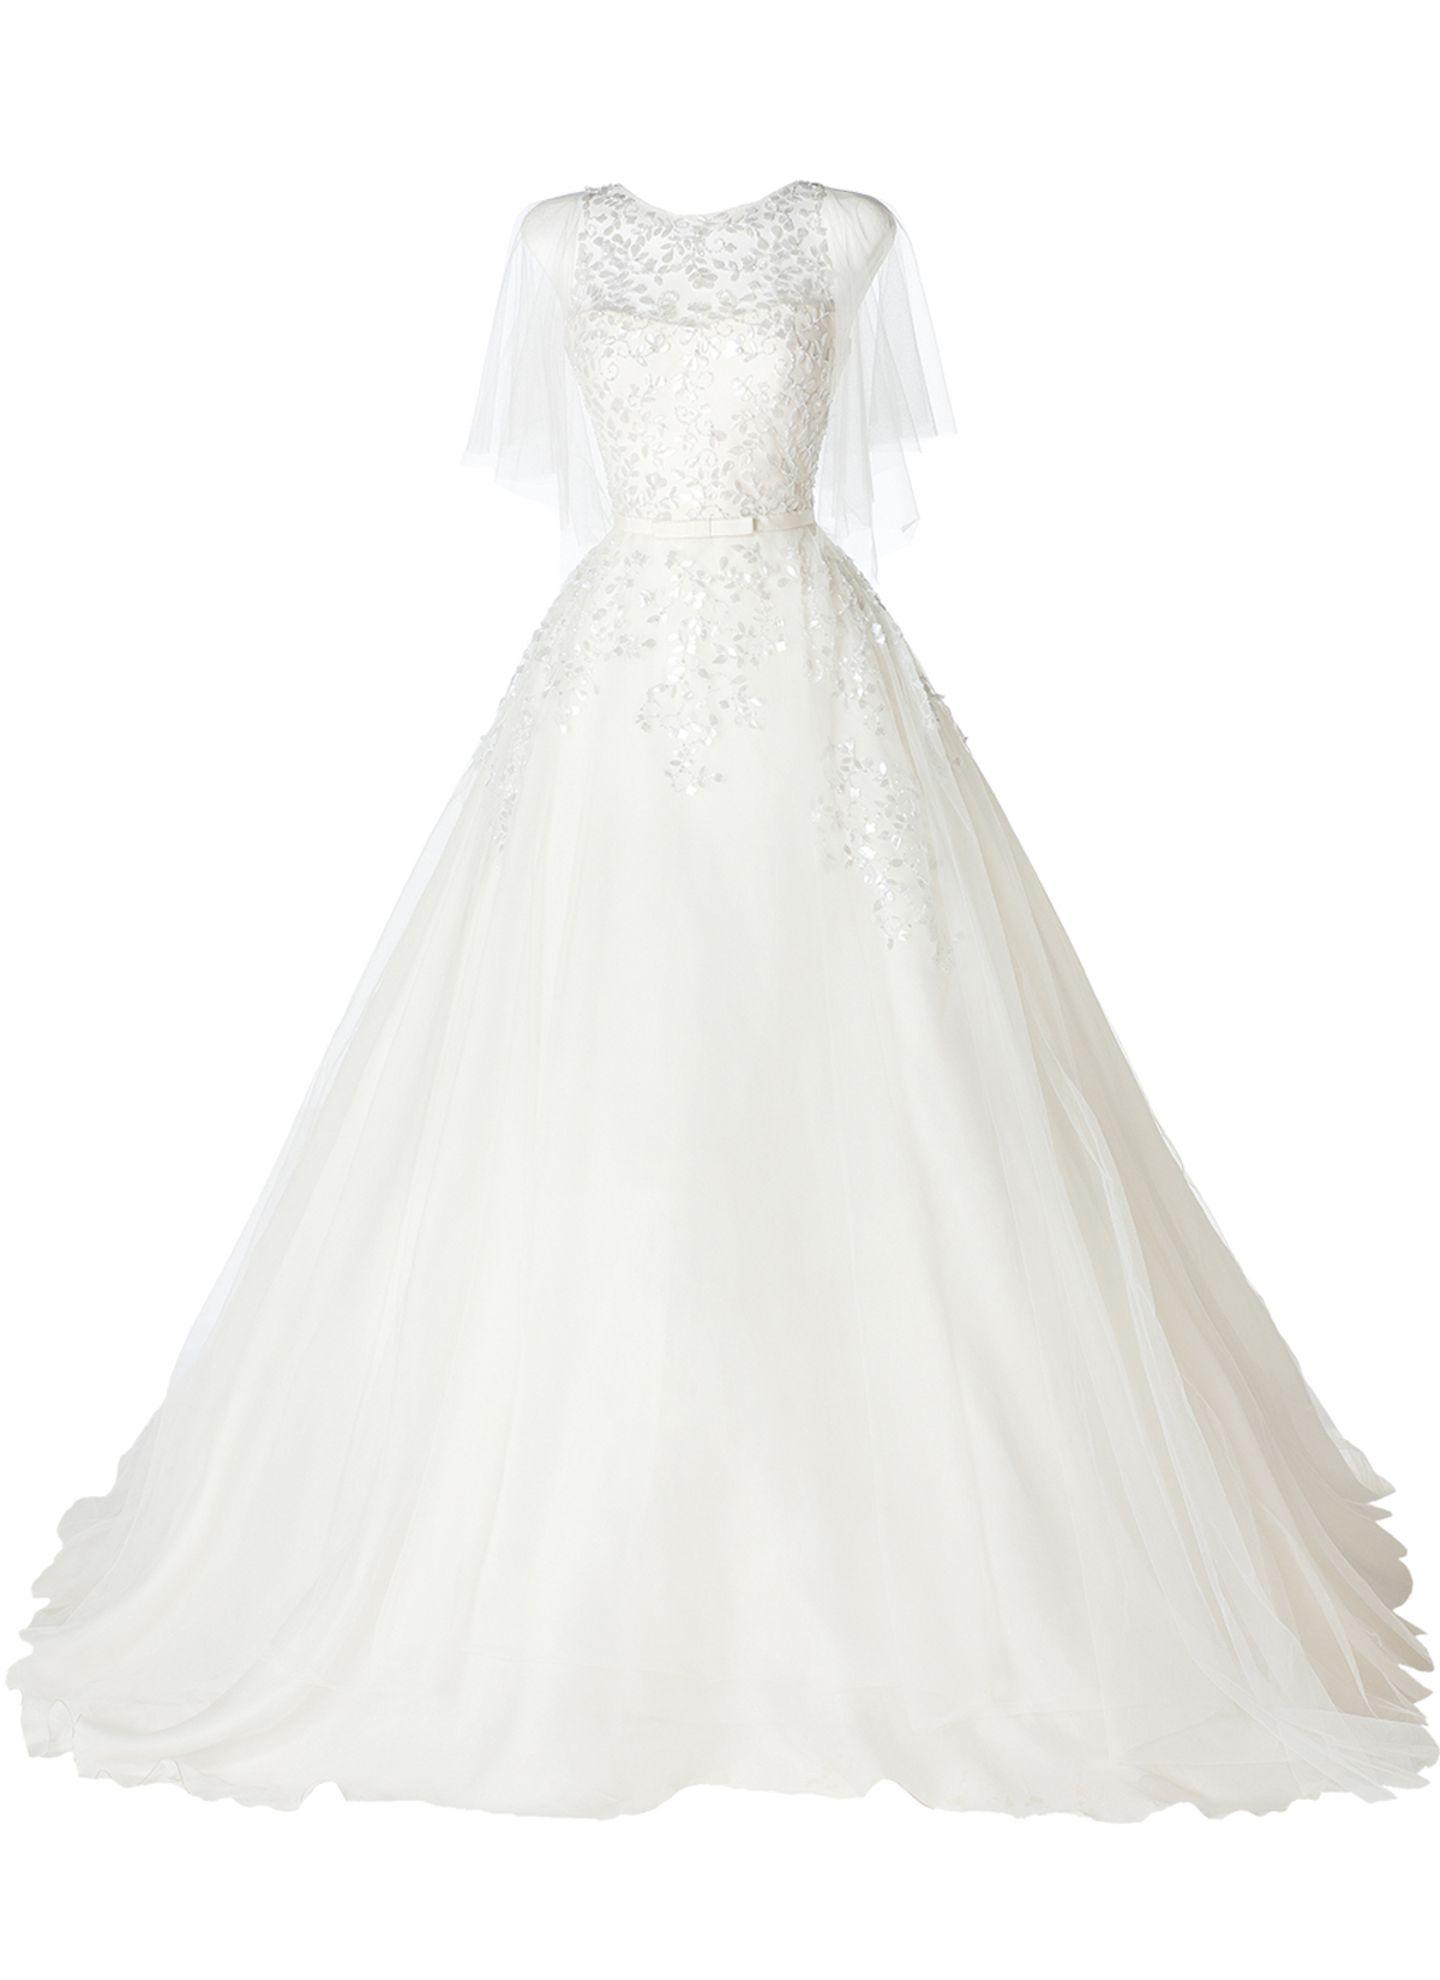 Wie im Märchen: opulentes, von Hand besticktes Tüllkleid von Pronovias, über hochzeit.de, ca. 2.900 Euro